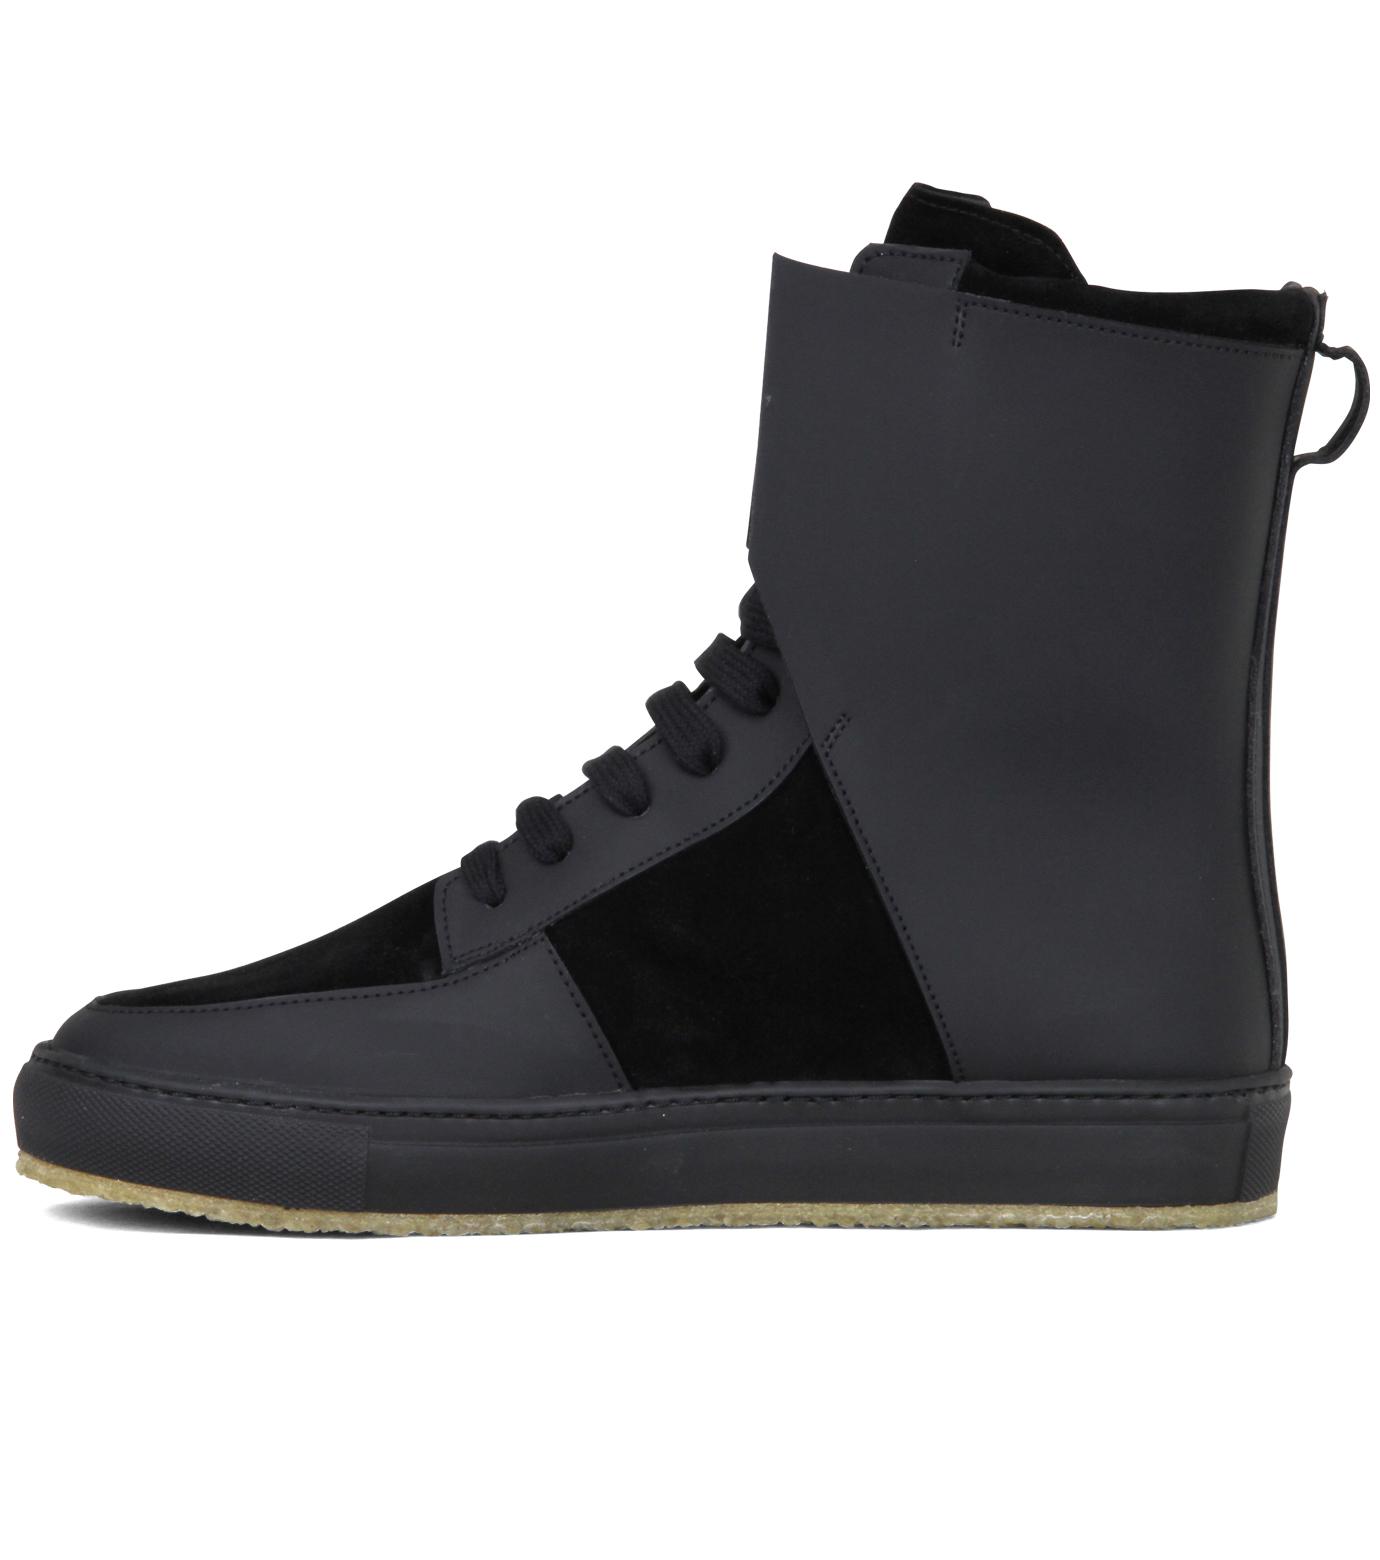 Kris Van Assche(クリスヴァンアッシュ)のLibra Black Sneaker-BLACK-K2709 拡大詳細画像2